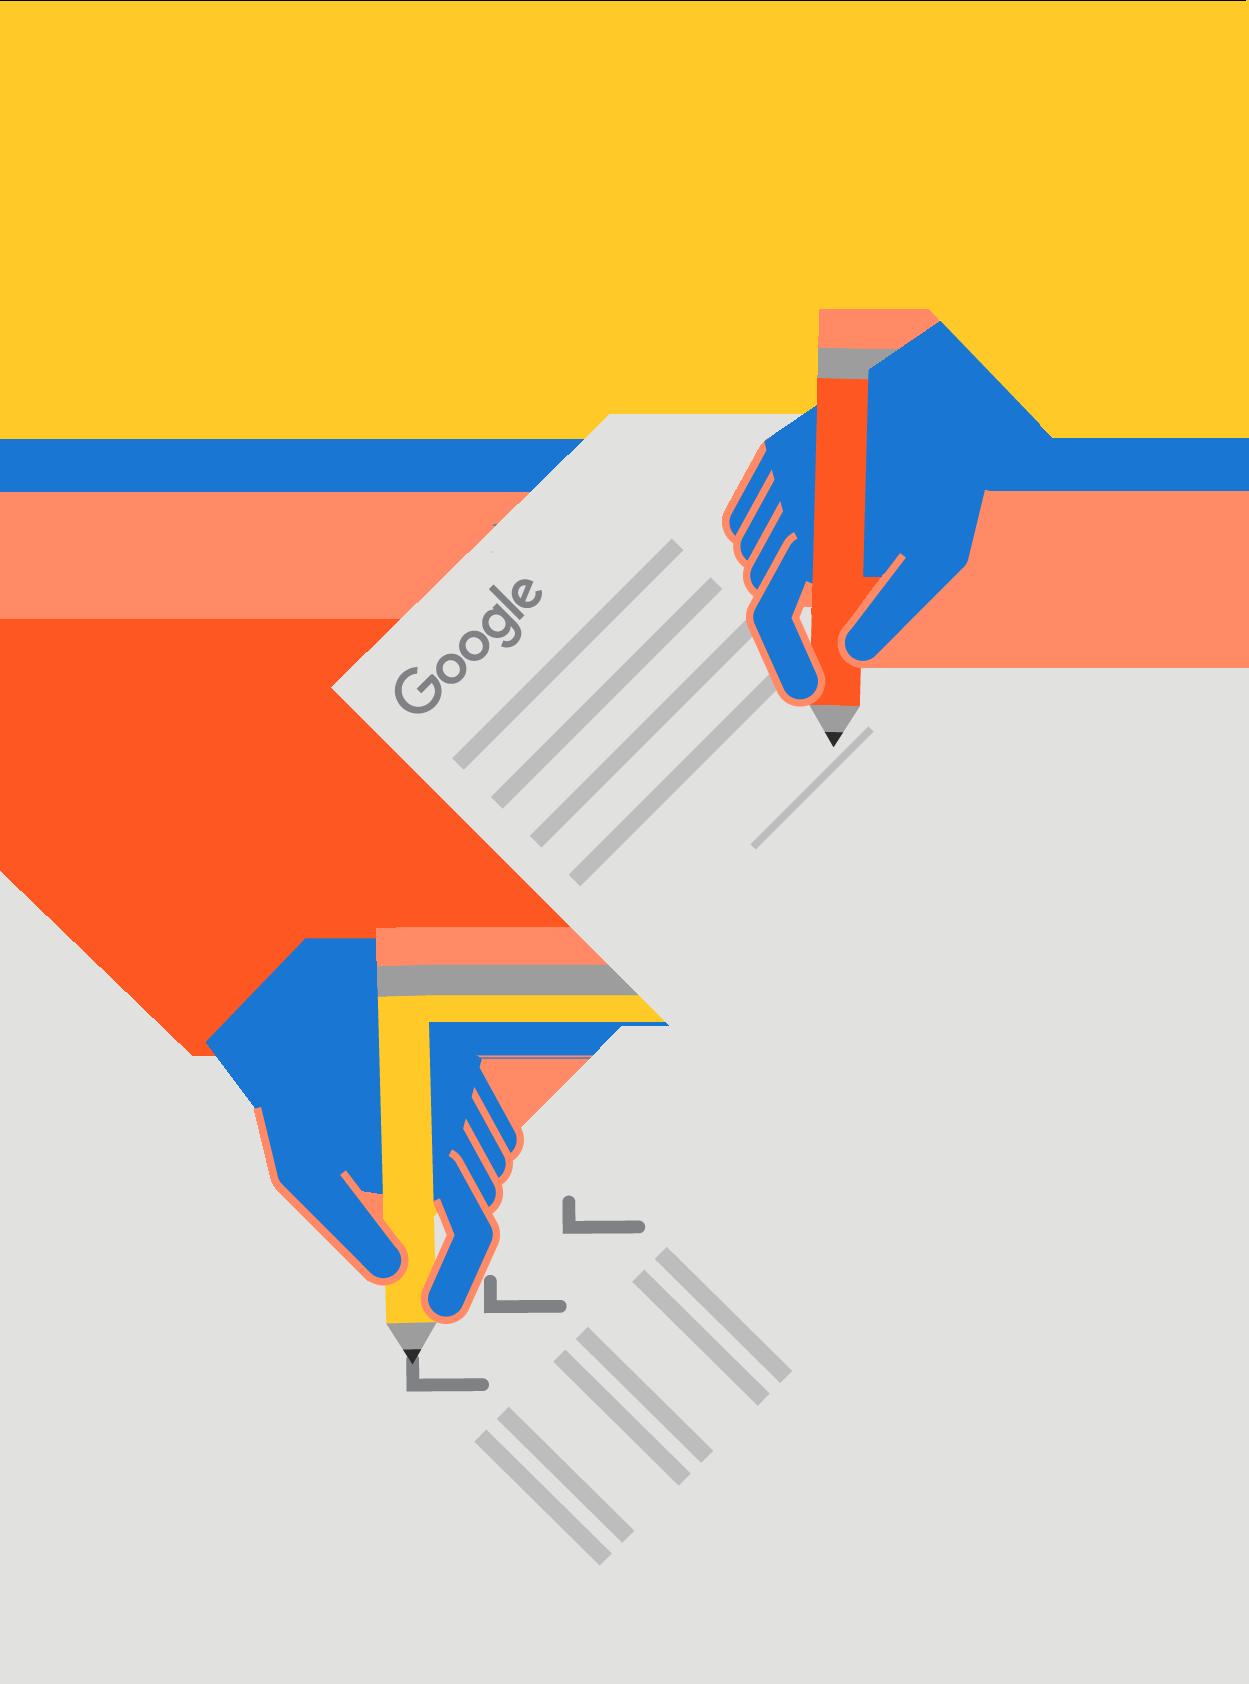 Developer Agreement